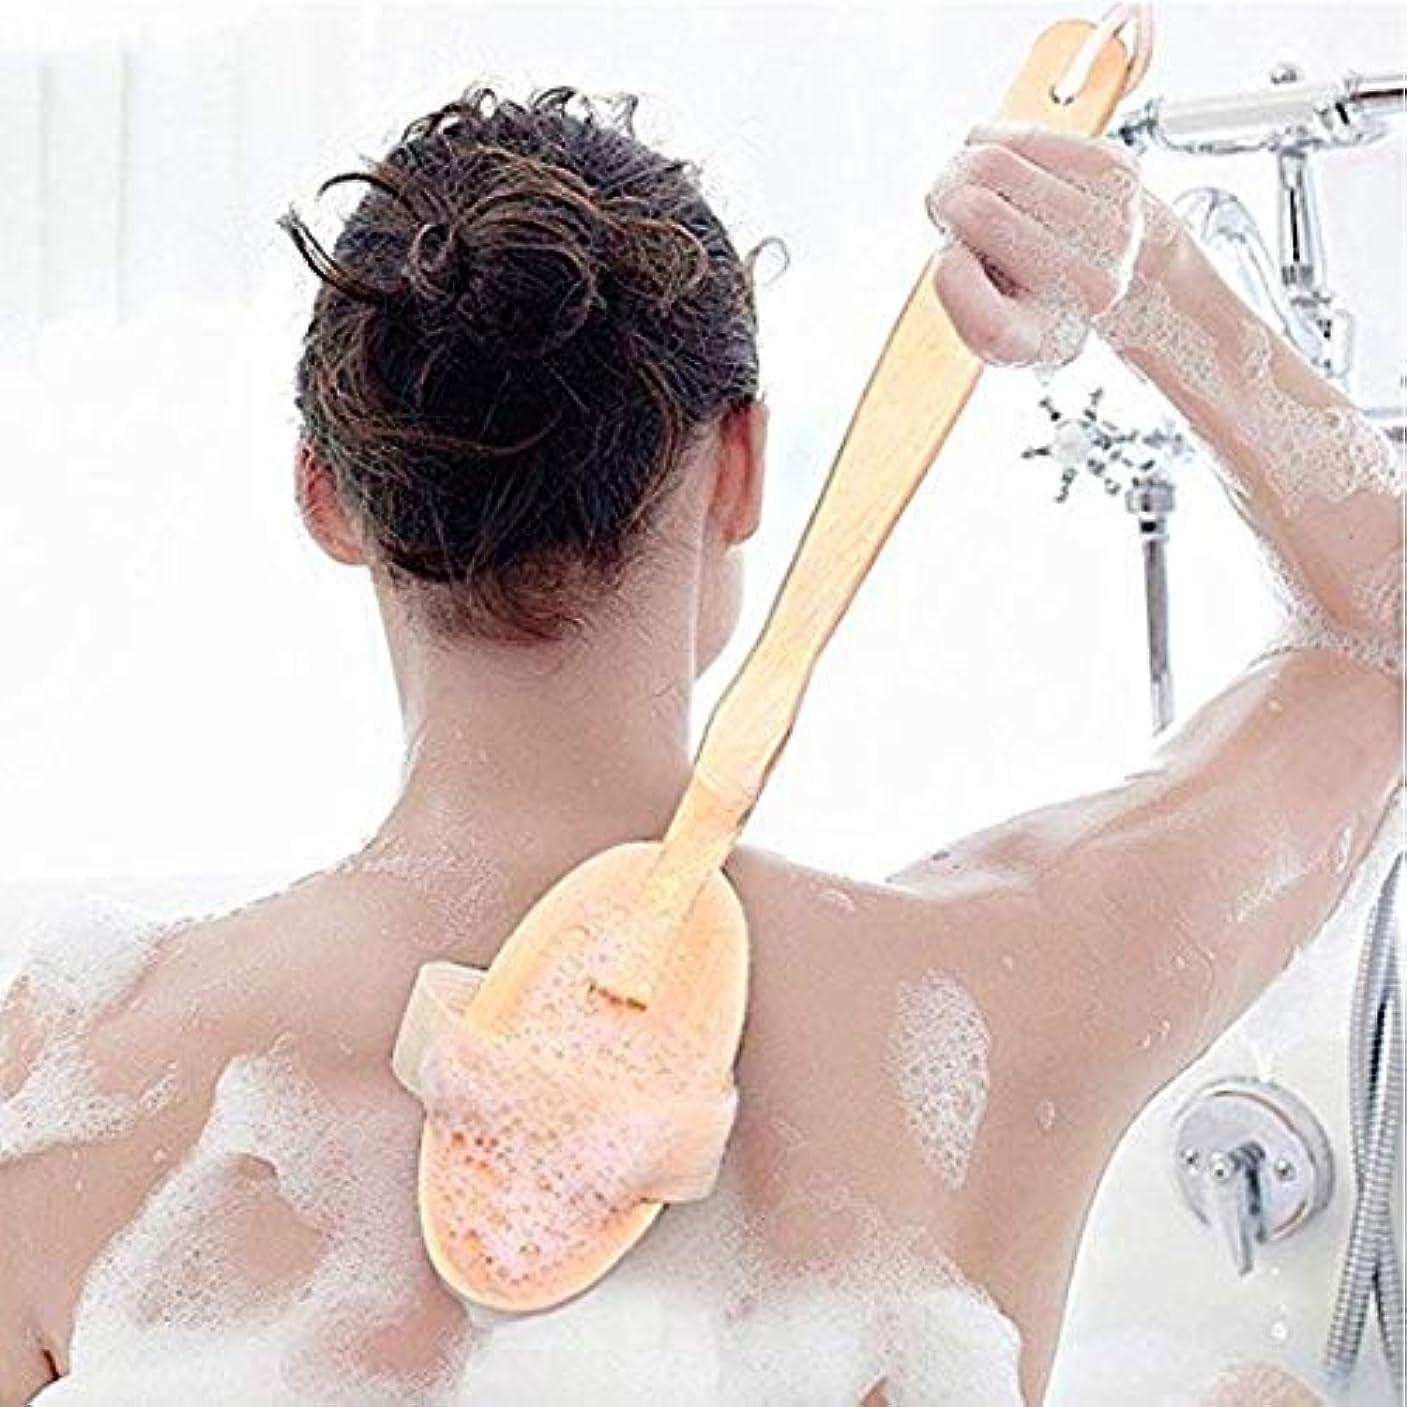 成り立つ付属品ピークicey 木製 長柄 入浴ブラシ お風呂の神器 ブラシ 入浴ブラシ ブタのたらいブラシ 軟毛 背中をこす 背中長柄ボディブラシ高級木製豚毛入浴ブラシ美肌効果むくみ改善